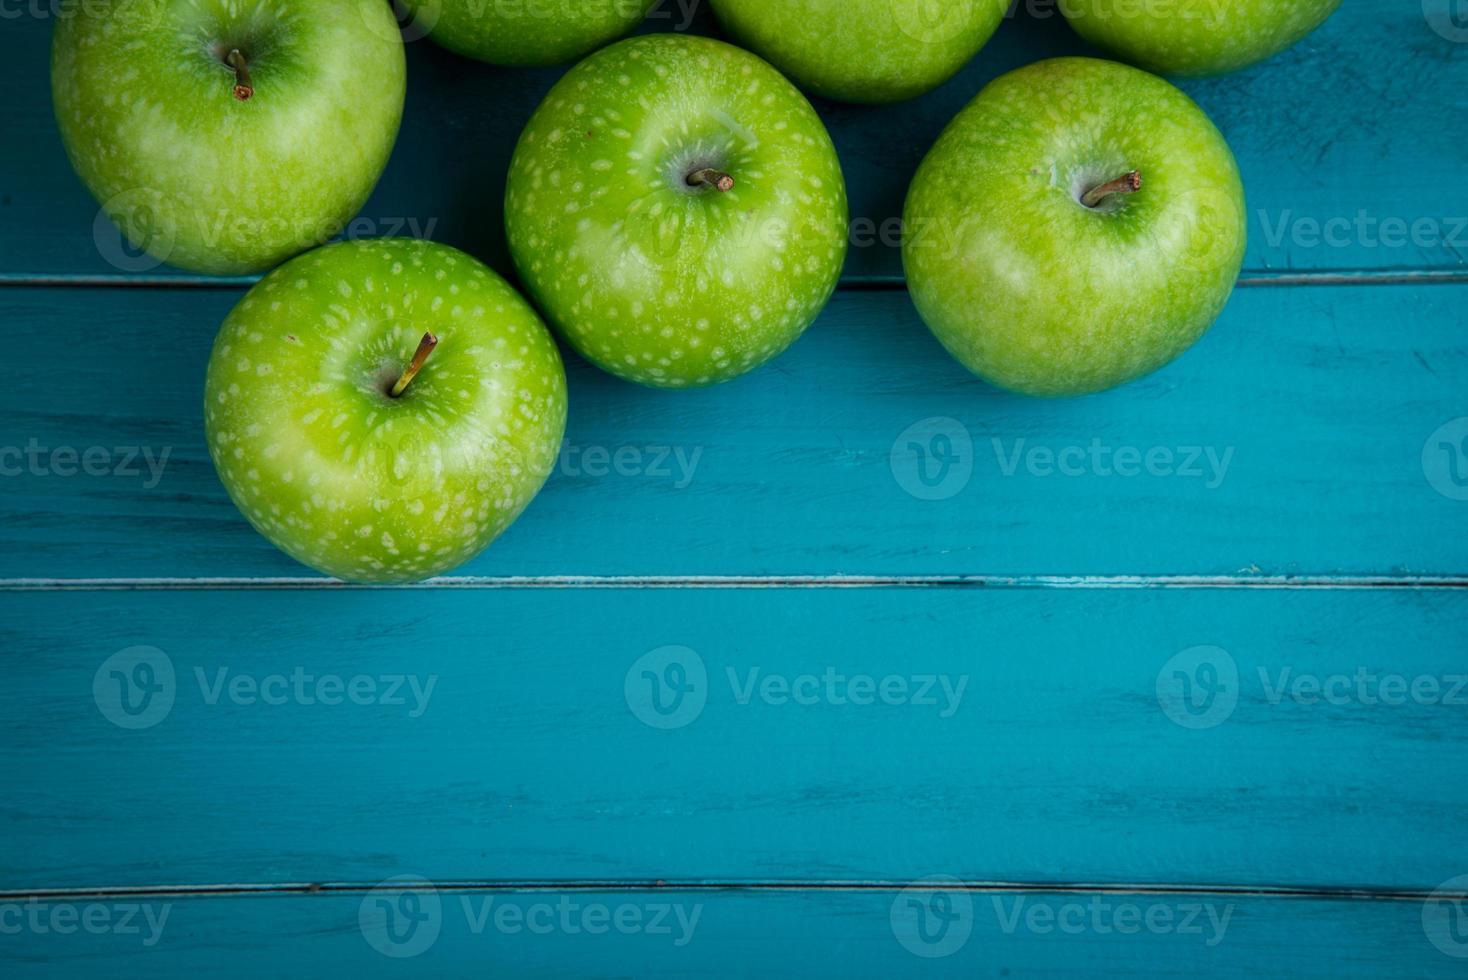 coltiva le mele verdi organiche fresche sulla retro tavola di legno foto